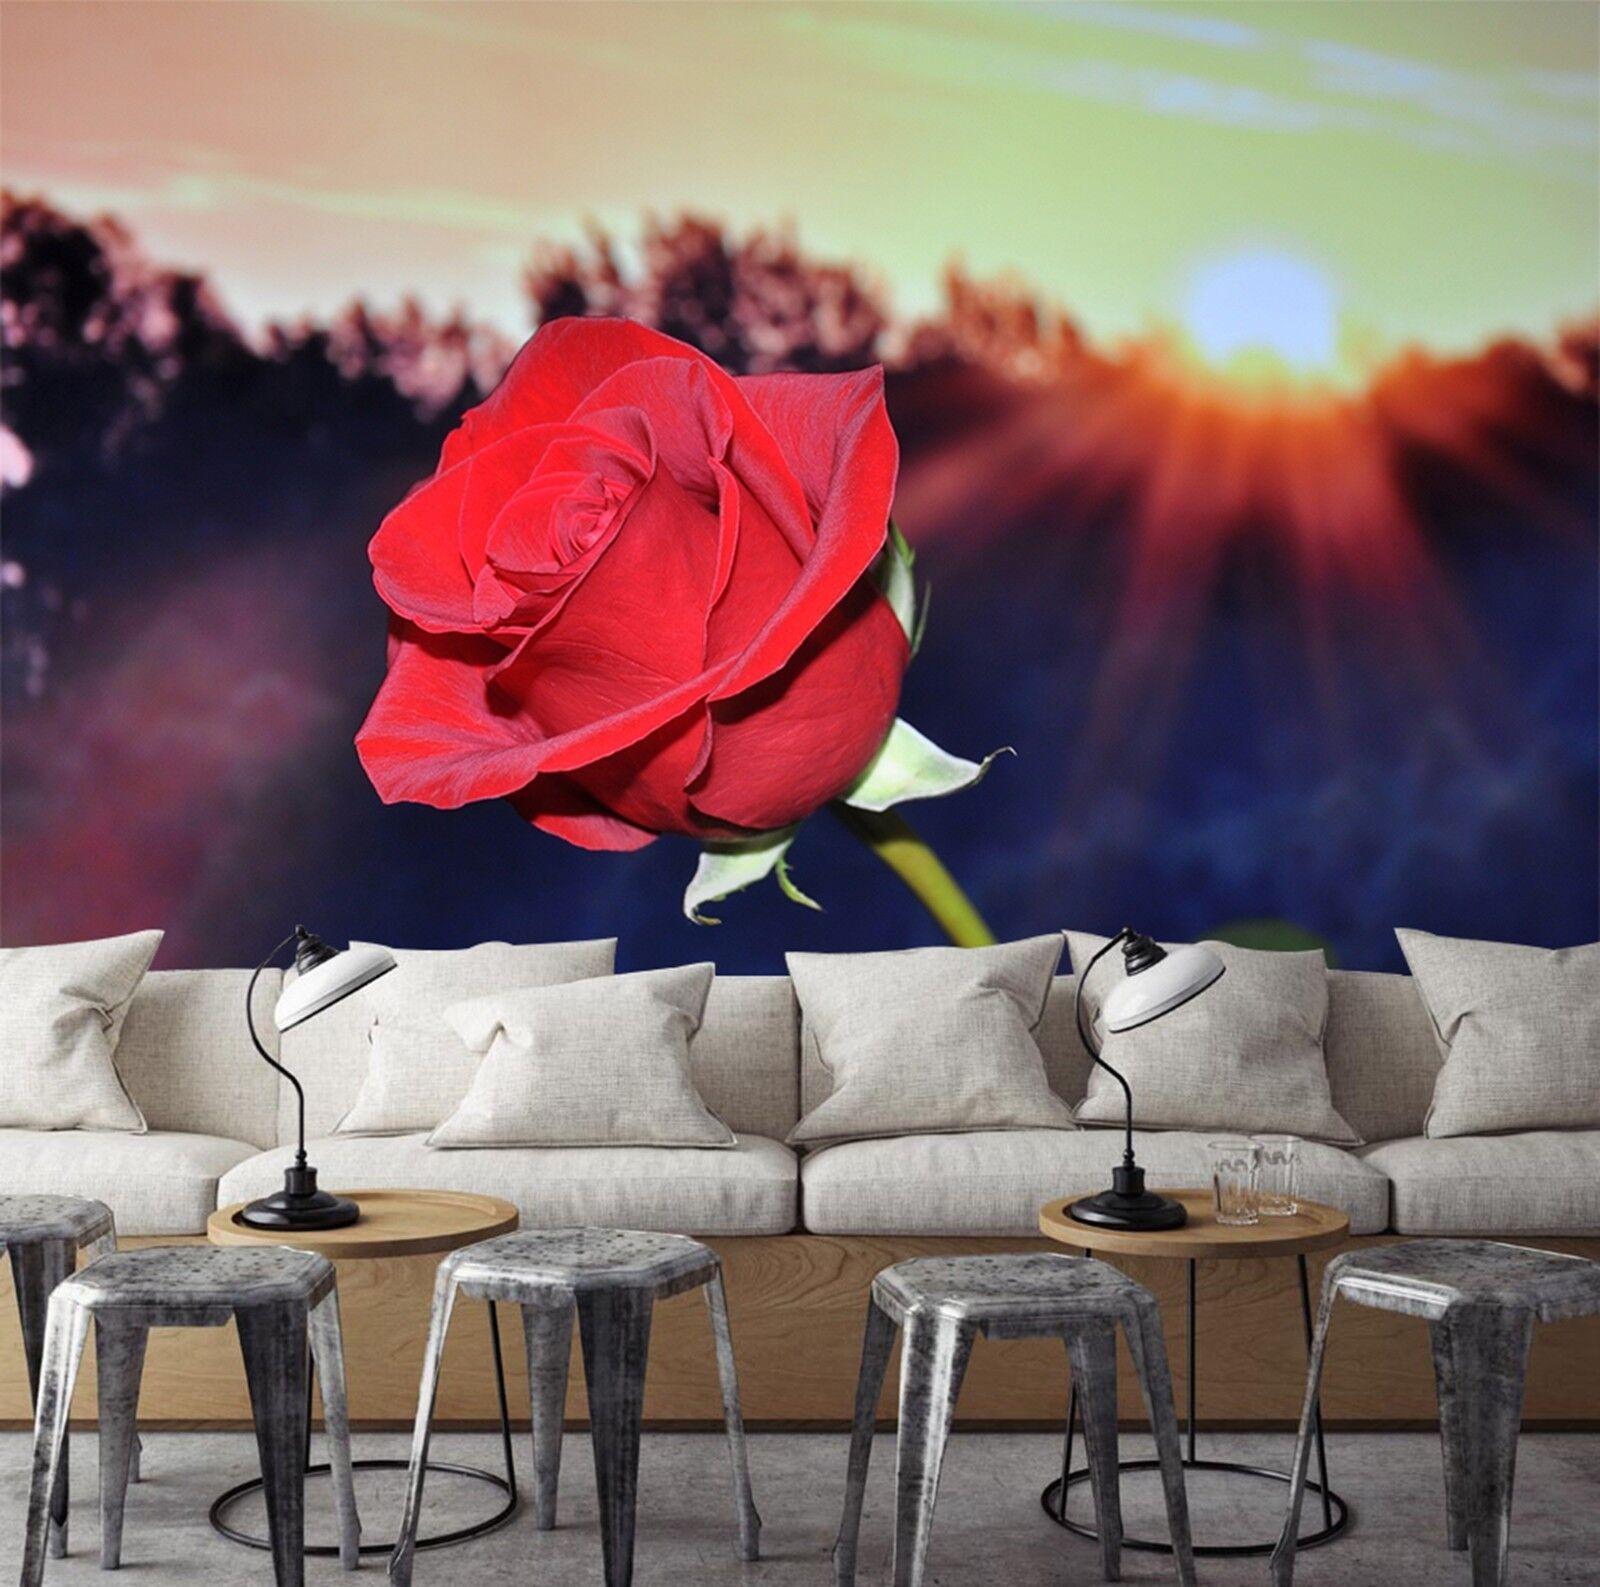 3D Sonnenschein Stieg 7883 Tapete Wandgemälde Tapeten Tapeten Tapeten Bild Familie DE Lemon | Spielen Sie auf der ganzen Welt und verhindern Sie, dass Ihre Kinder einsam sind  6e9534